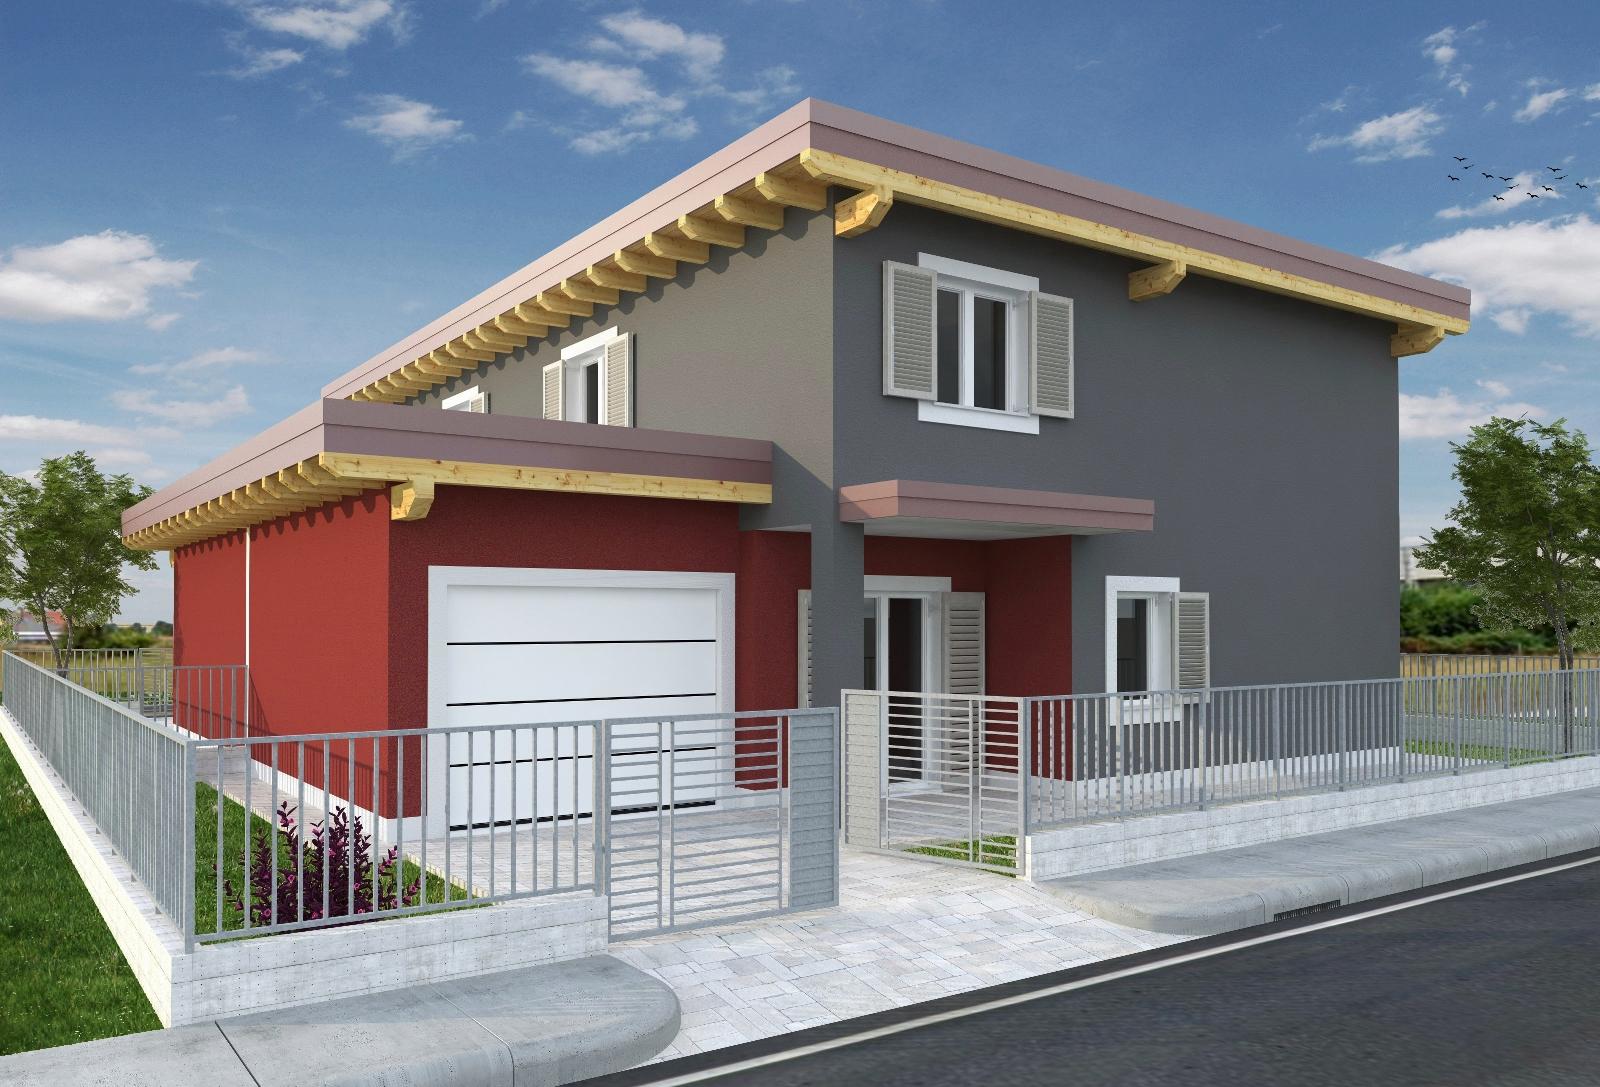 Case in xlam pomhaus s r l villetta bifamiliare for Moderni disegni di case a due piani